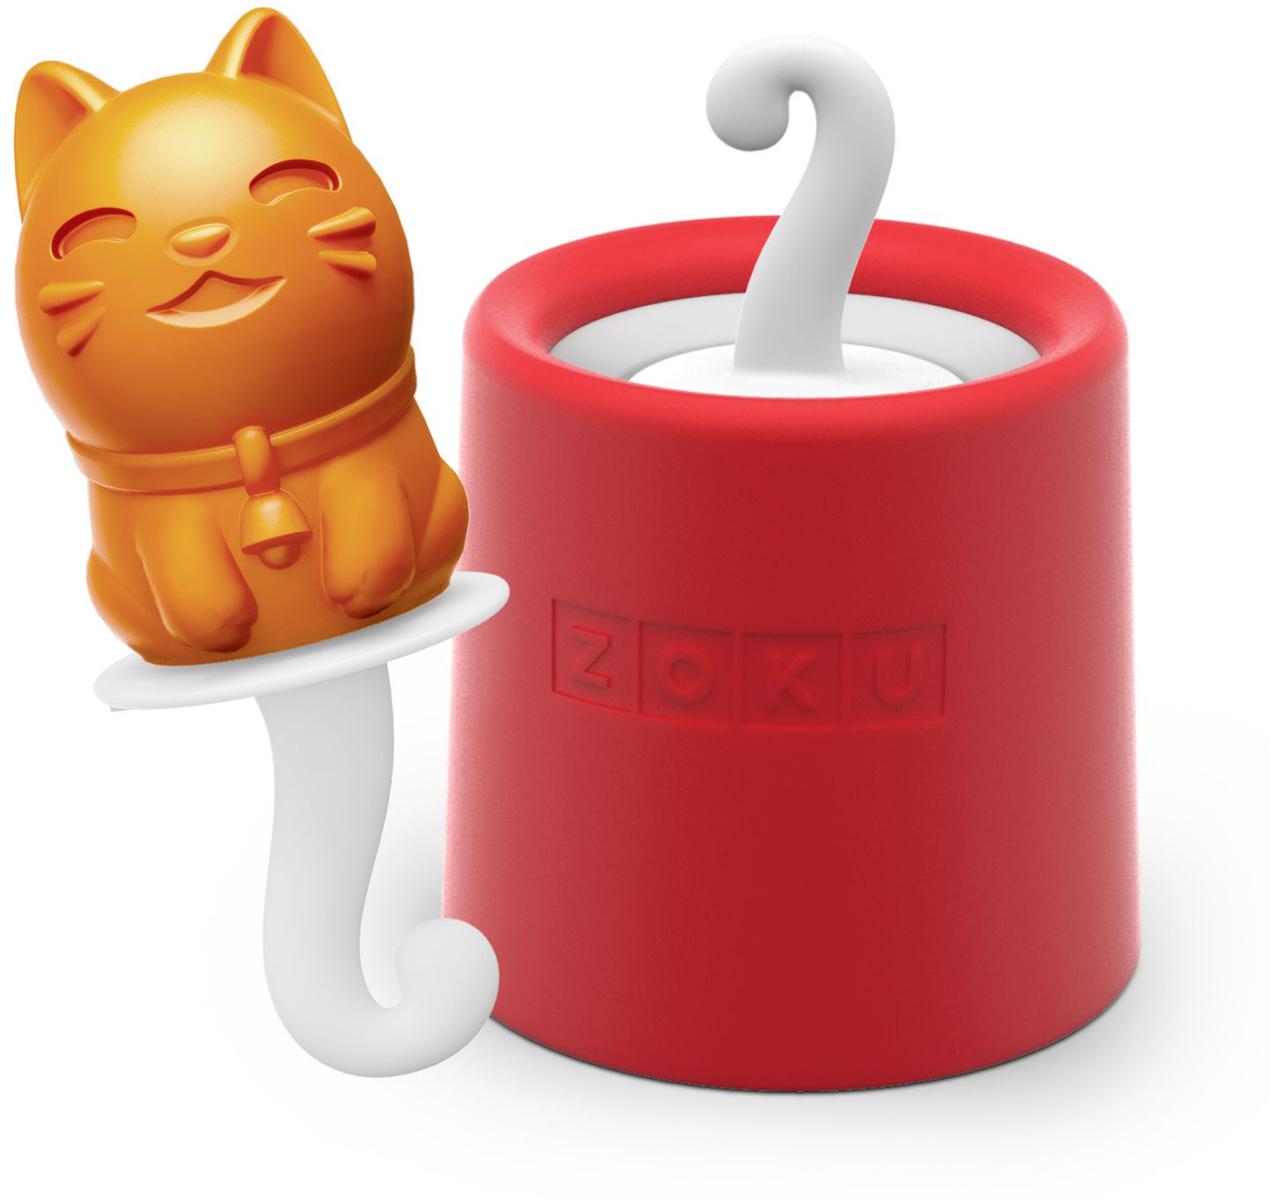 Форма для мороженого Zoku Kitty, цвет: красный, 45 мл. ZK123-00916065_бежевыйУникальная коллекция формочек для мороженого включает в себя 8 разных фигурок, с помощью которых вы сможете готовить вкусные и полезные домашние десерты. Теперь каждому члену семьи достанется свой персонаж, и не придется путаться в том, кому и какое лакомство принадлежит.Для приготовления мороженого залейте жидкость в форму Zoku Kitty до отметки и вставьте внутрь палочку. Оставьте в морозильной камере на восемь и более часов. Когда продукт готов, просто вытащите палочку и наслаждайтесь натуральным десертом собственного приготовления.Форма не содержит вредных примесей и бисфенола-А. Моется вручную.Объем - 45 мл.